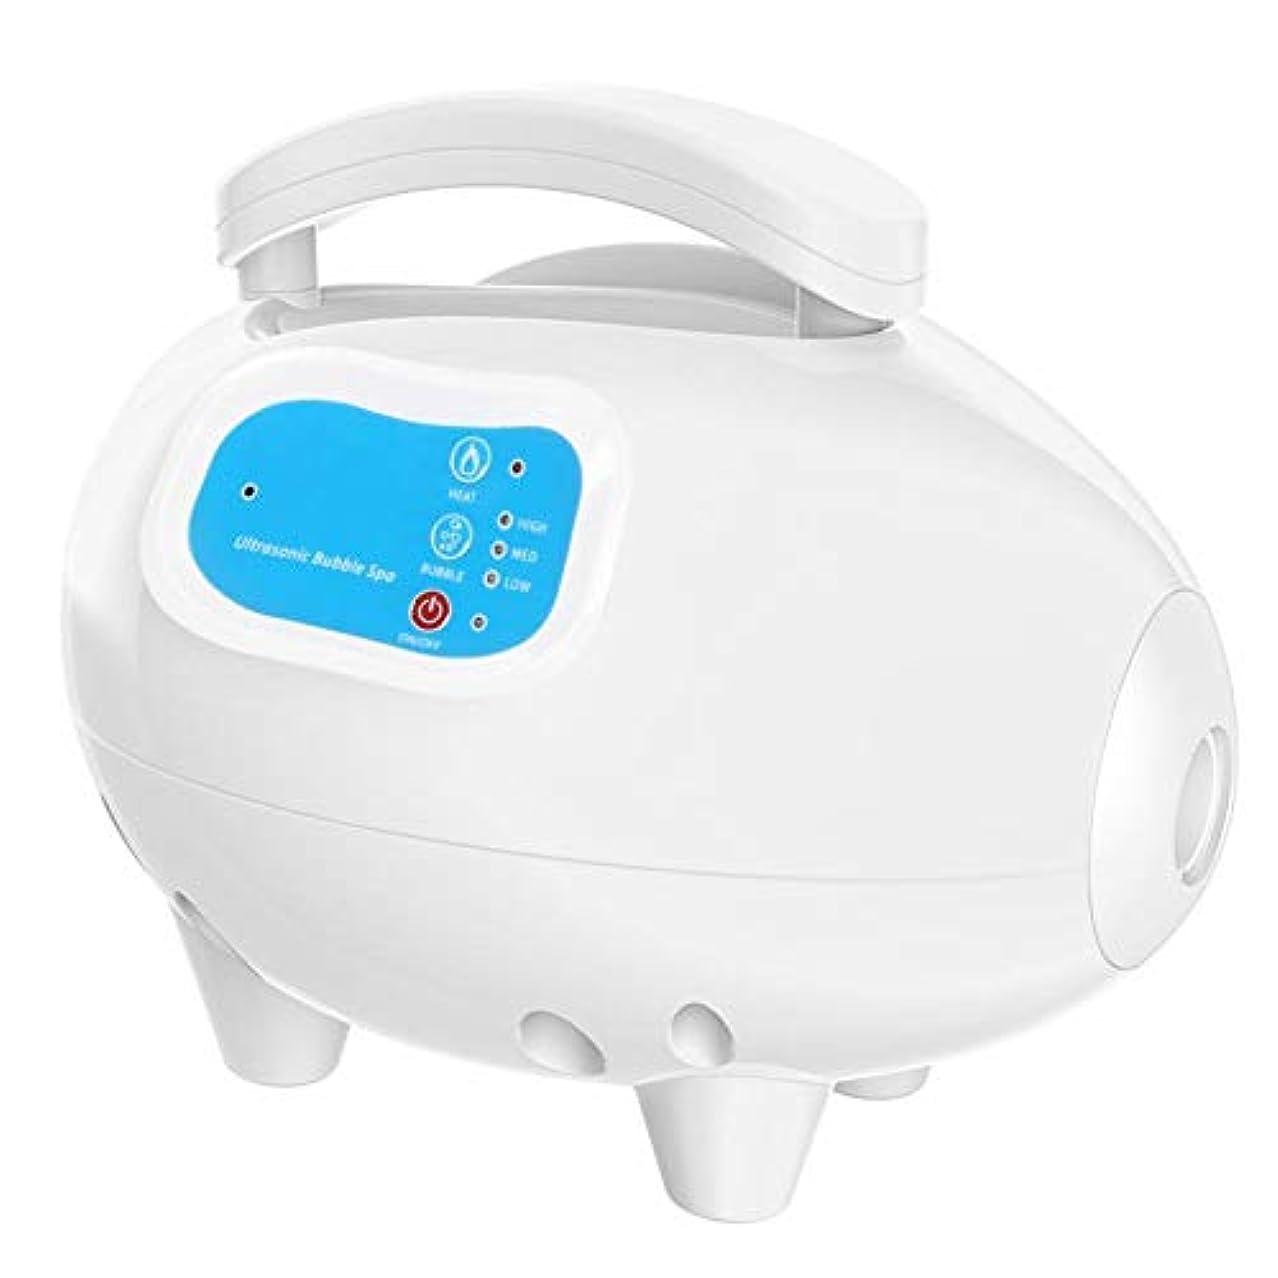 豚ベッツィトロットウッド不均一スパ泡風呂浴槽機防水エアー泡風呂浴槽殺菌ボディスパマッサージマット付きエアホース(110?220V)